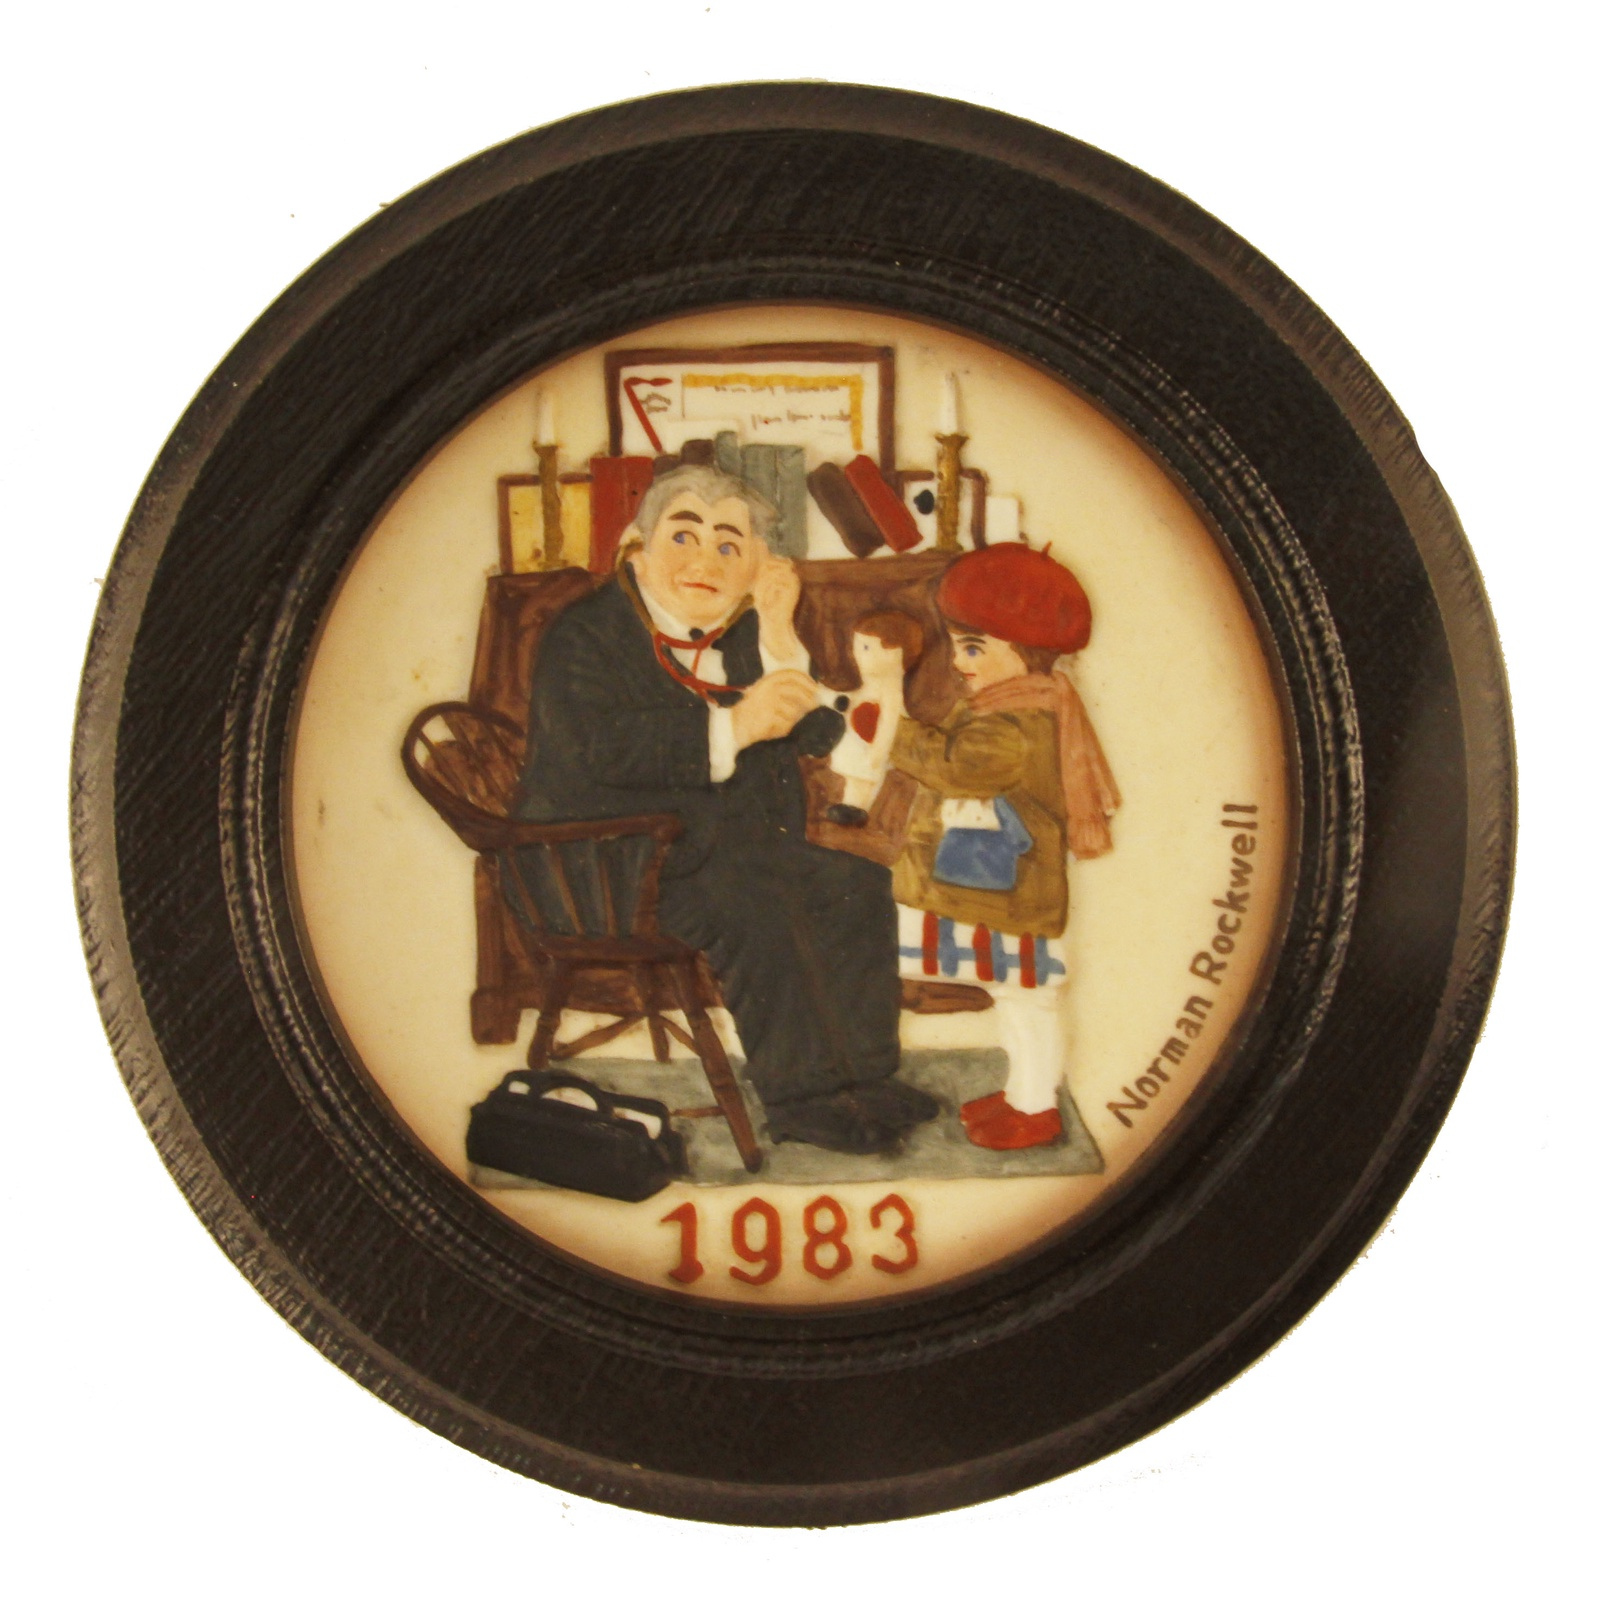 Декоративная тарелка Dave Grossman Designs, Inc. Доктор и кукла, черный, бежевый декоративная тарелка knowles коллекция наследие профессор фарфор деколь сша норман роквелл 1986